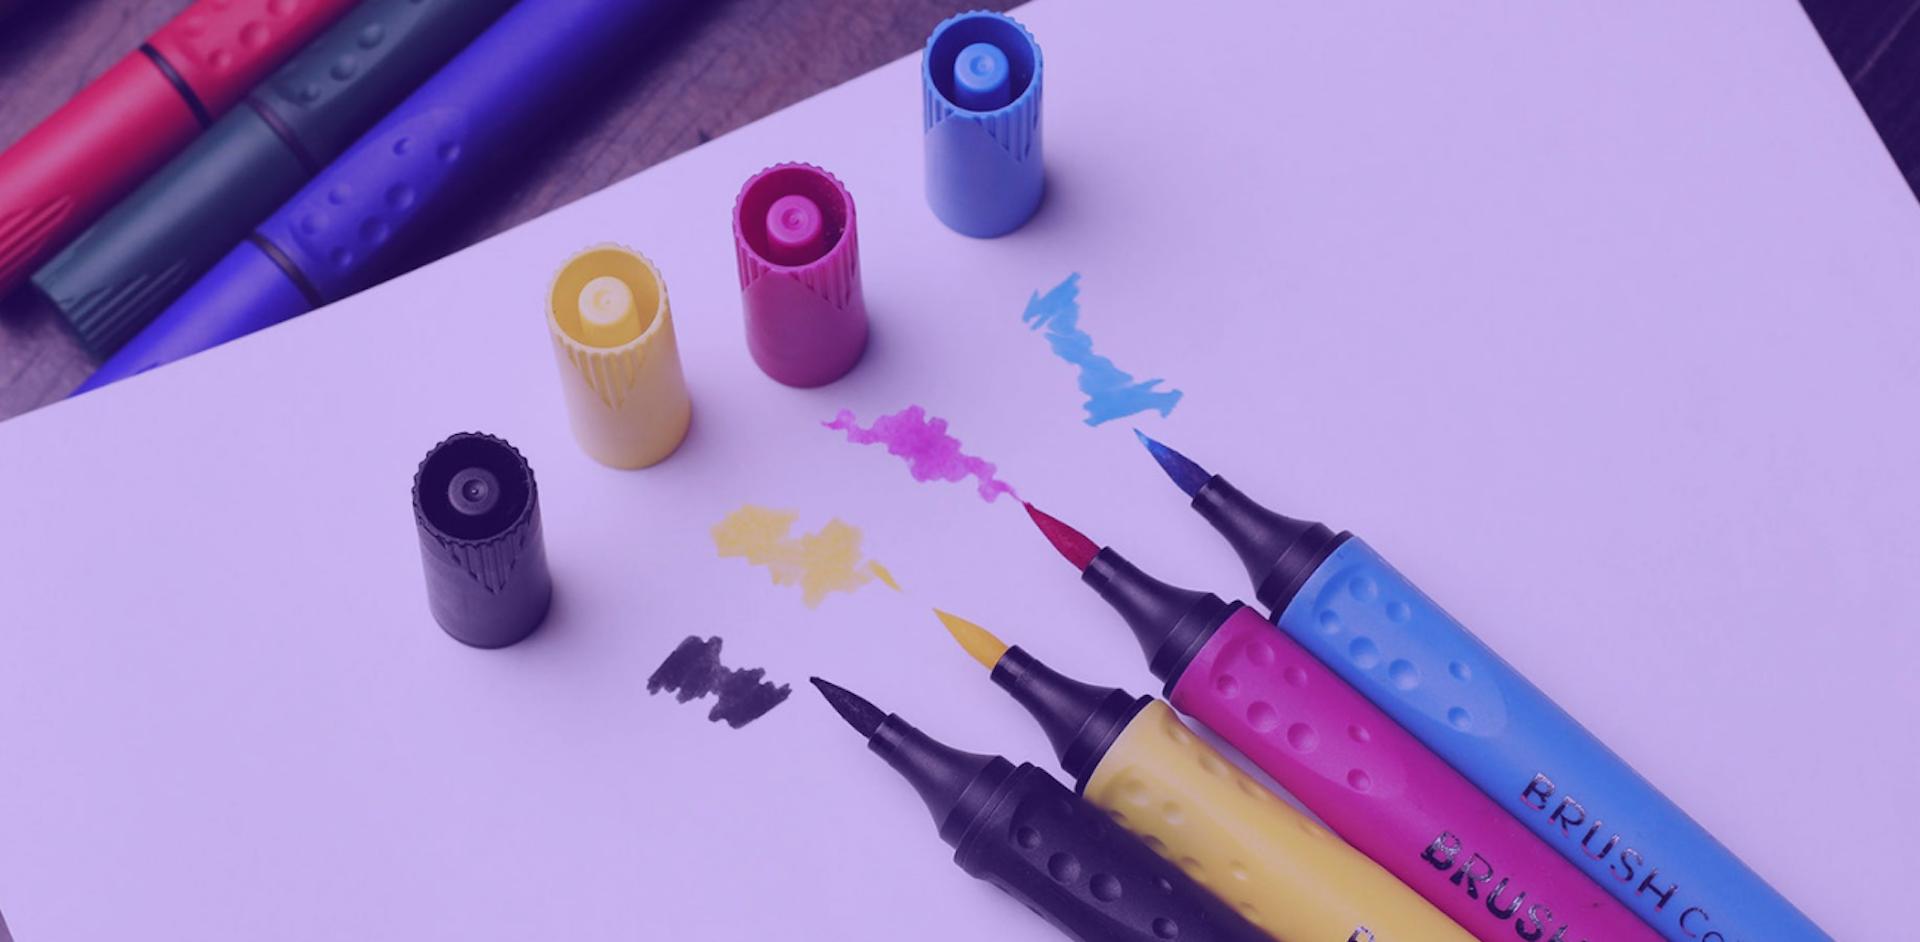 ¿Cómo dibujar con marcadores? Aprende todo sobre estas herramientas